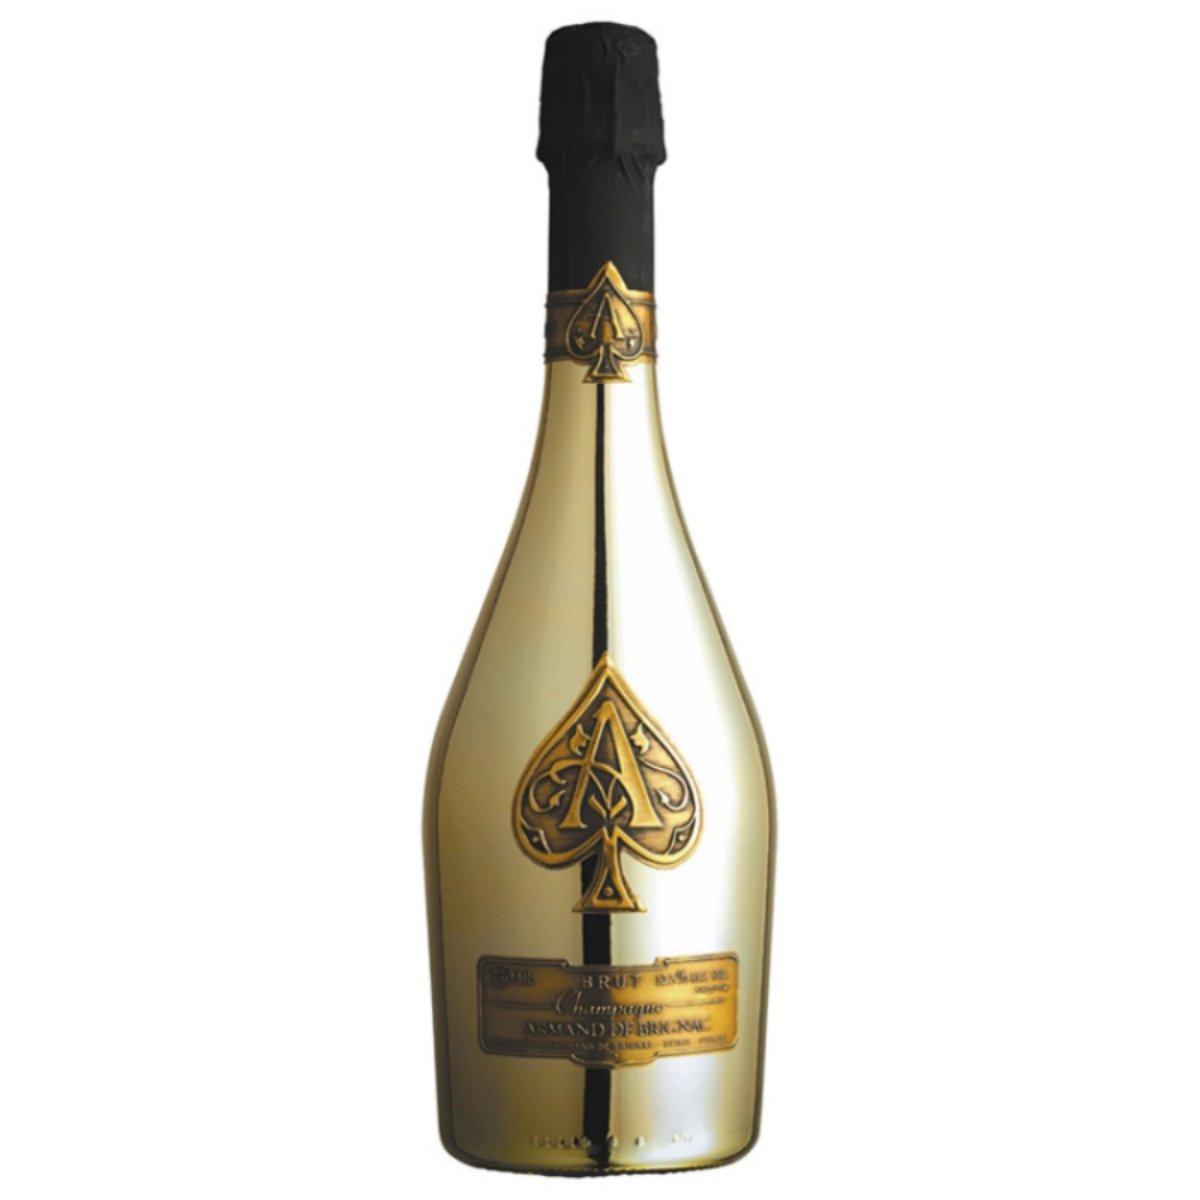 Armand De Brignac Ace Of Spades Champagne Brut Nv 750ml